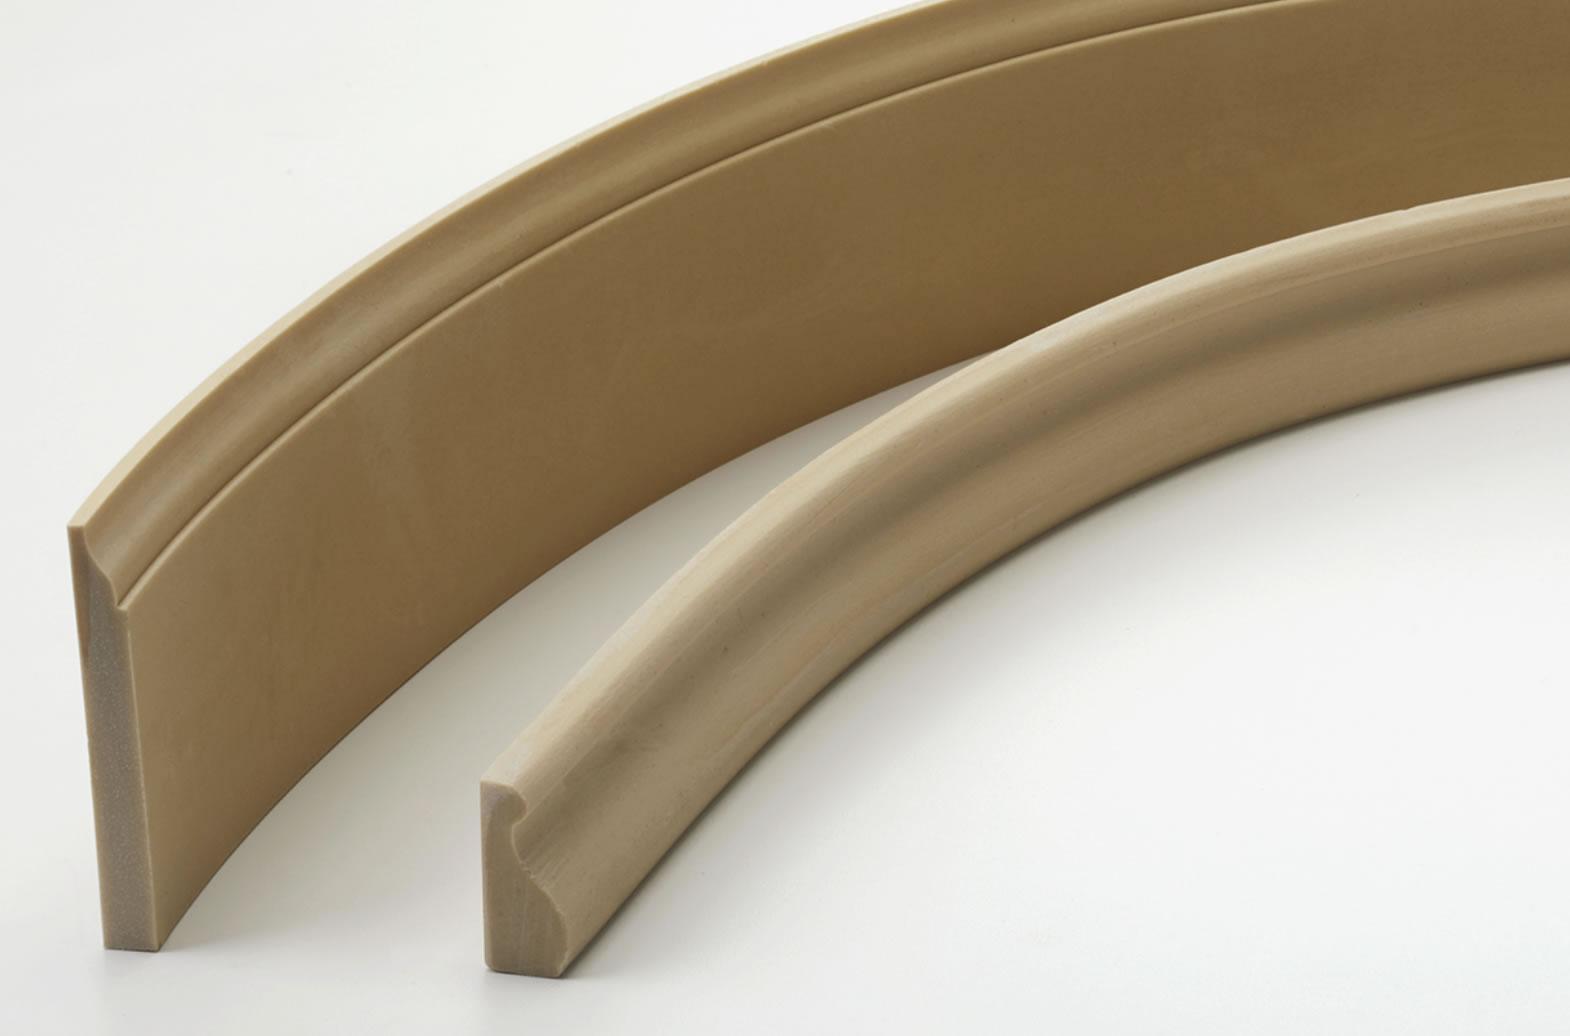 Flexible, Paintable Wood Grain Wall Base